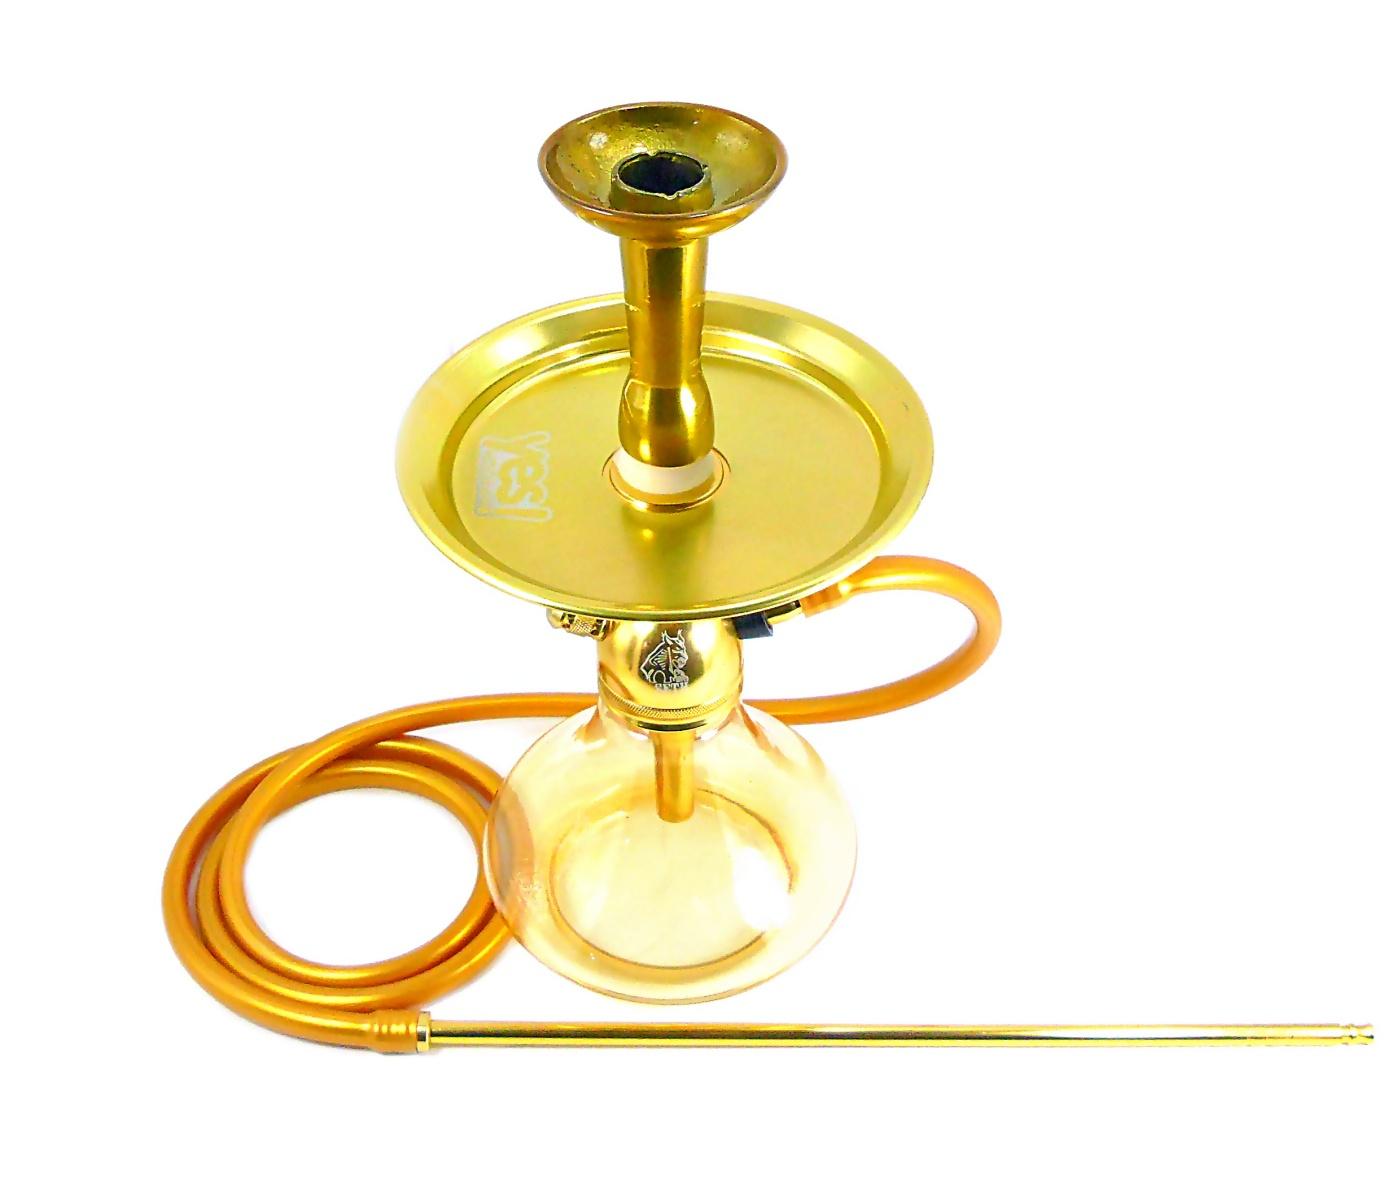 Narguile completo. Stem Malik Seth 35cm DOURADO vaso Aladin, mangueira silicone, prato, piteira e rosh alumínio dourado